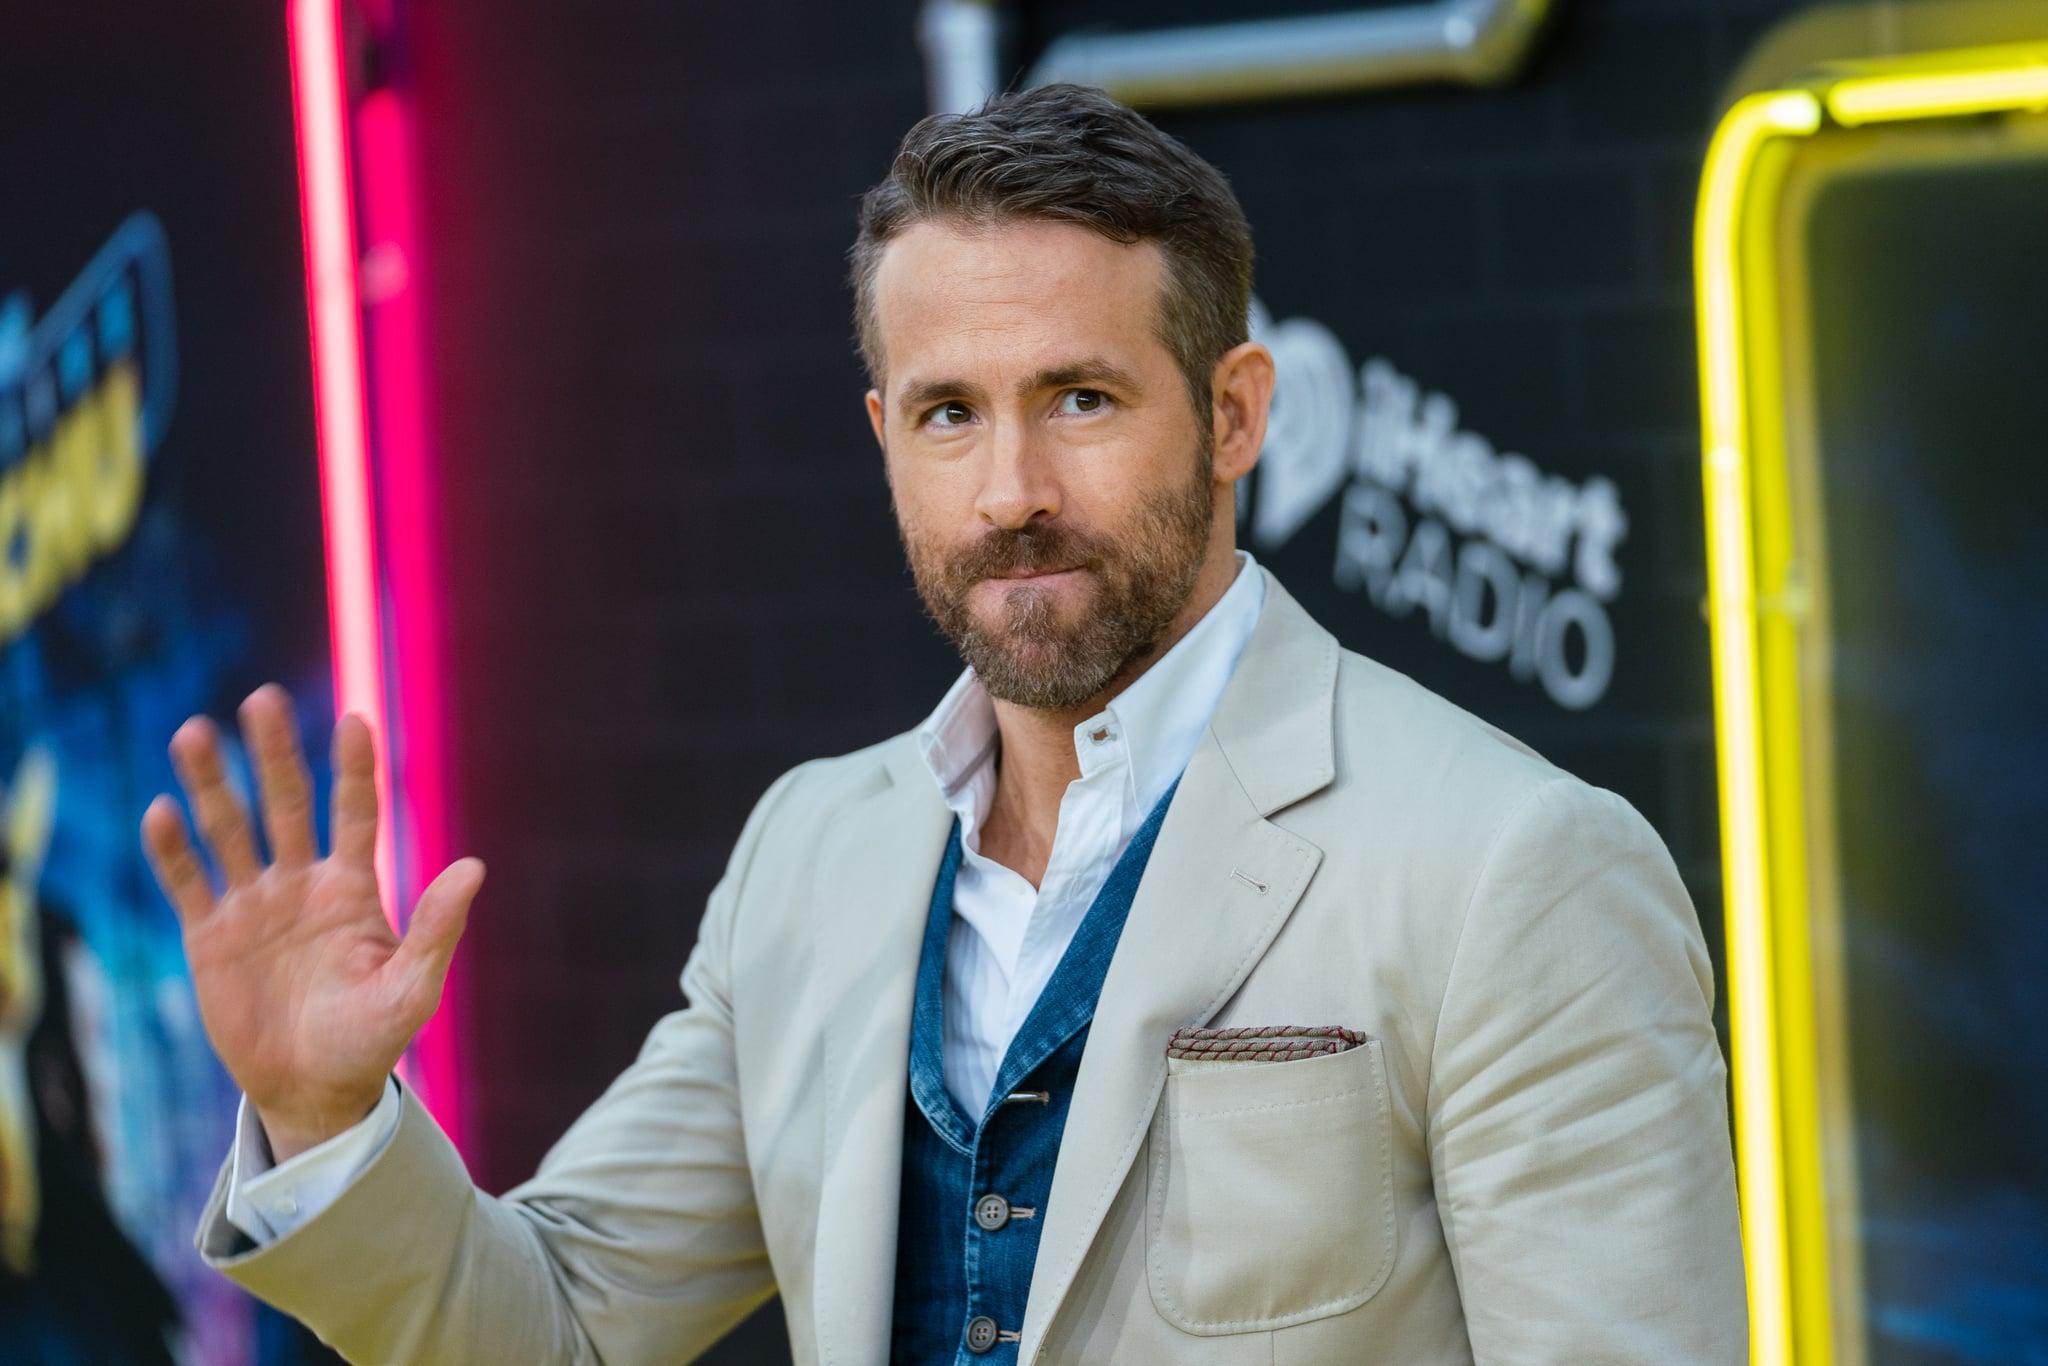 NEW YORK, NEW YORK - MAY 02: Ryan Reynolds attends the